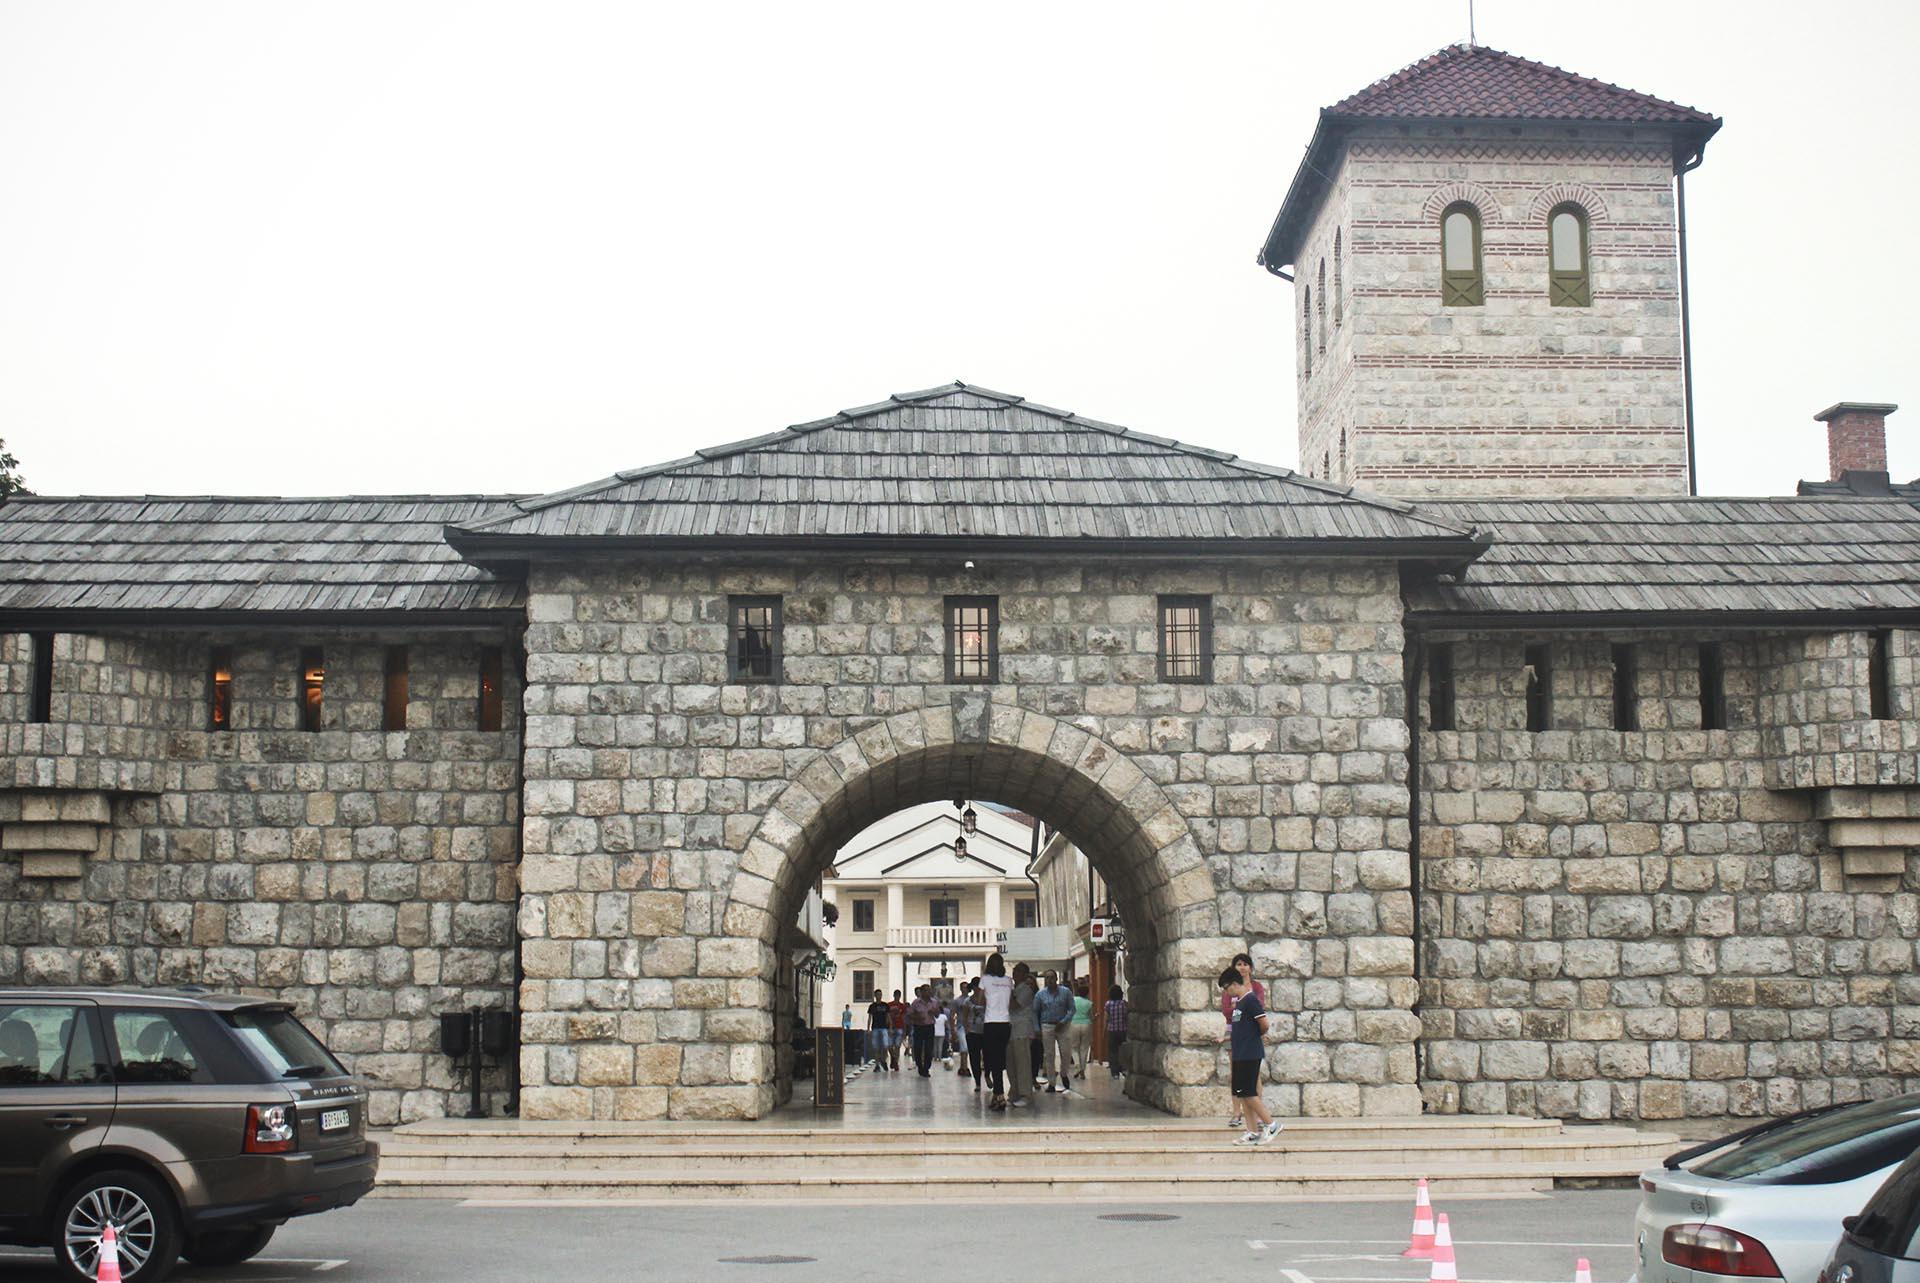 Ingreso a Kamengrad (la ciudad de piedra)/Andricgrad, en Visegrad, Bosnia Herzegovina